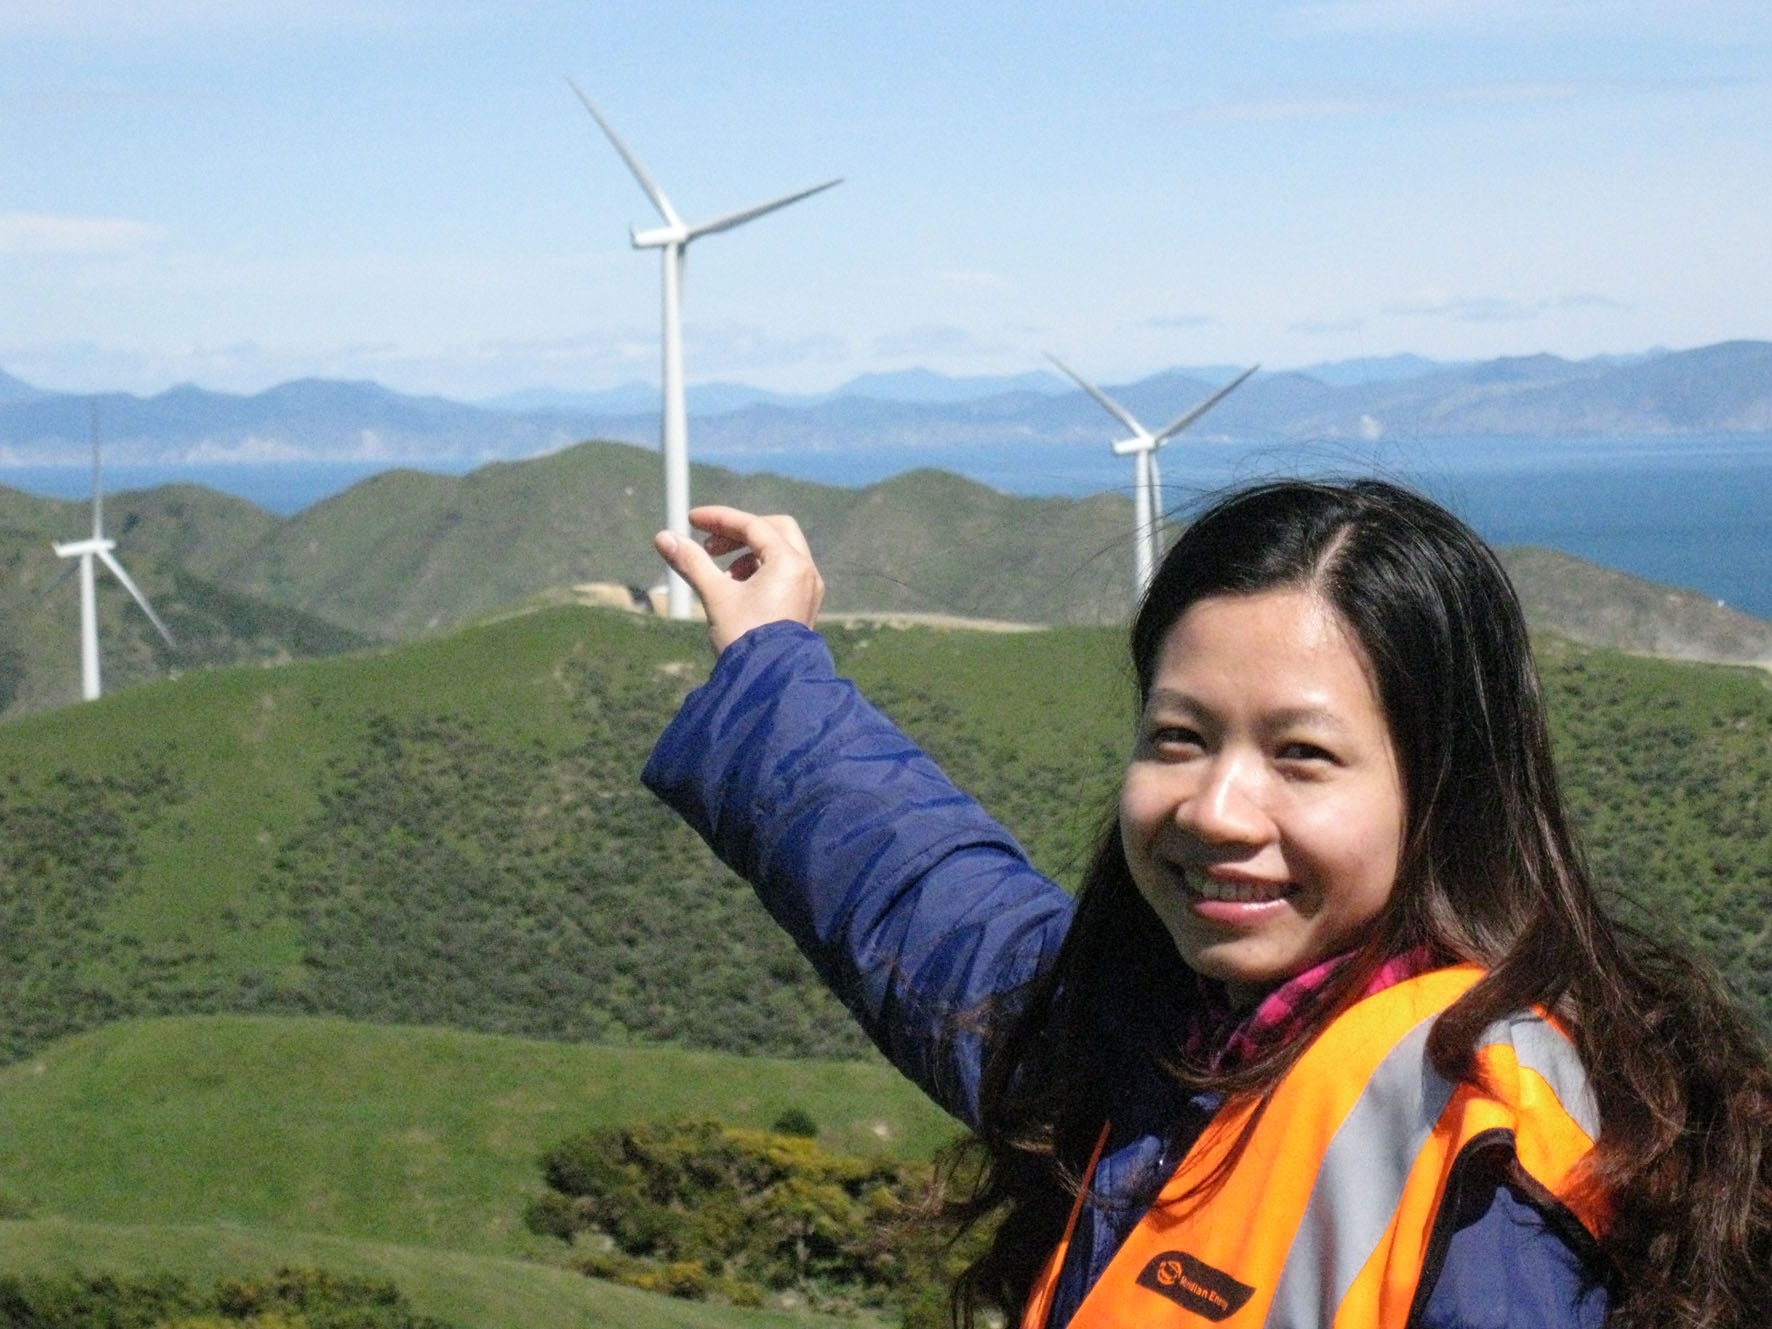 Eólica y energías renovables: Nuevo parque eólico en Binh Dinh, Vietnam.